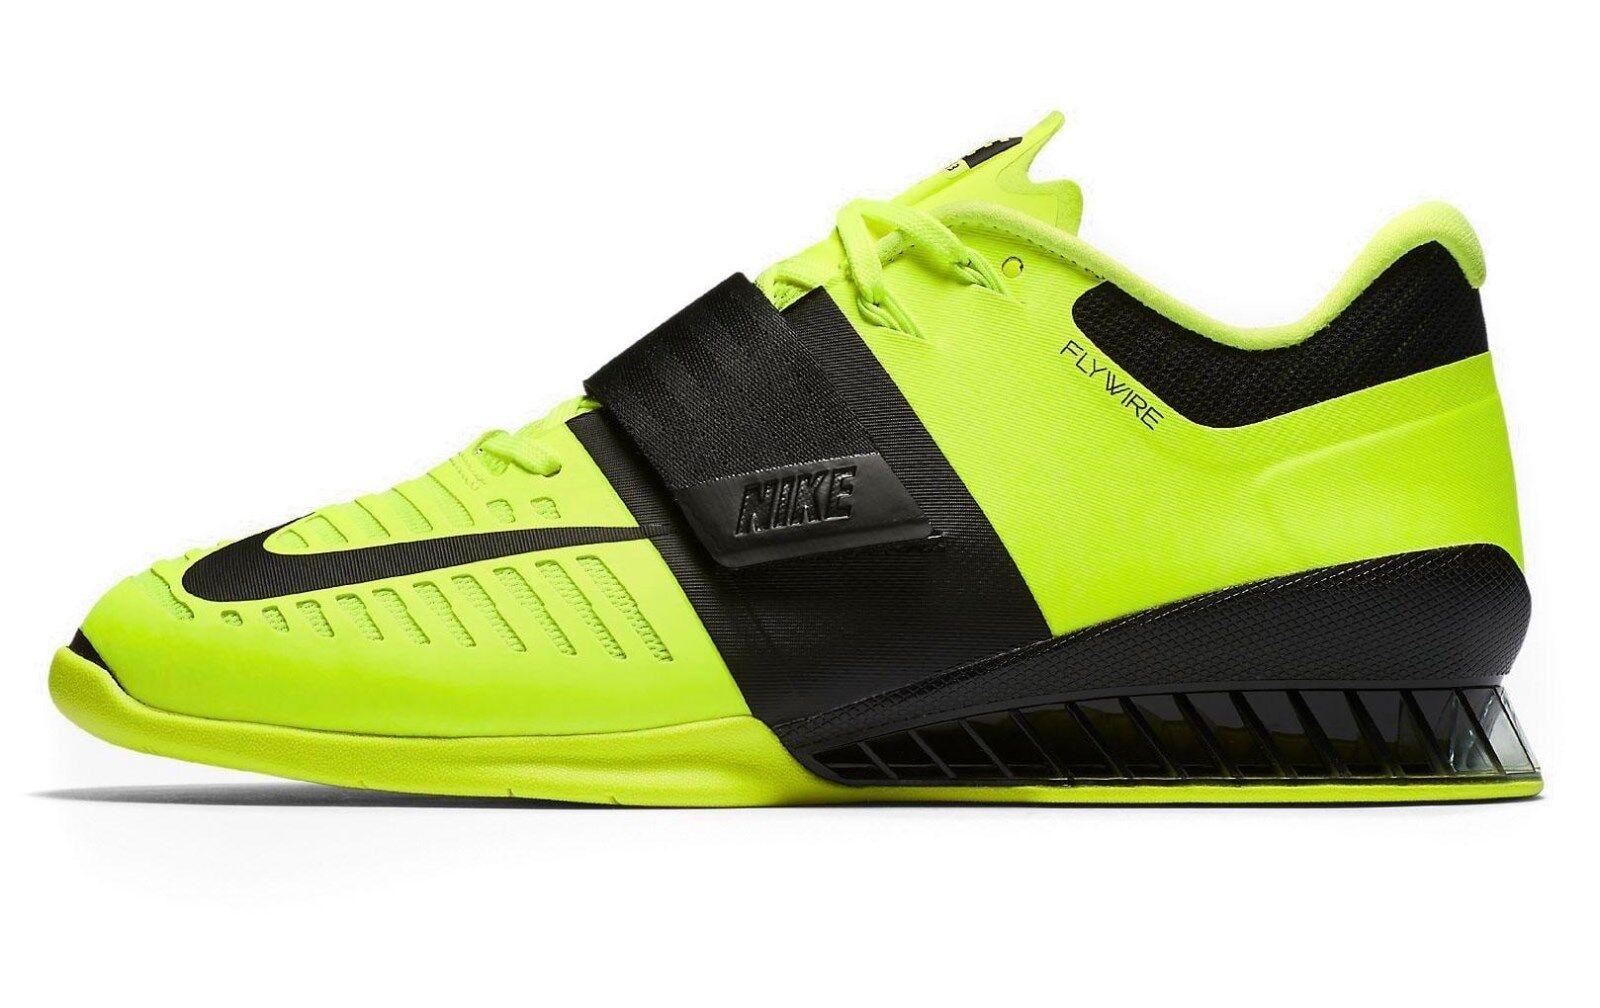 Nike romaleos 3 volt / nero sollevamento pesi dimensioni zecca 15 nuove di zecca dimensioni (852933-700) 2dc15d